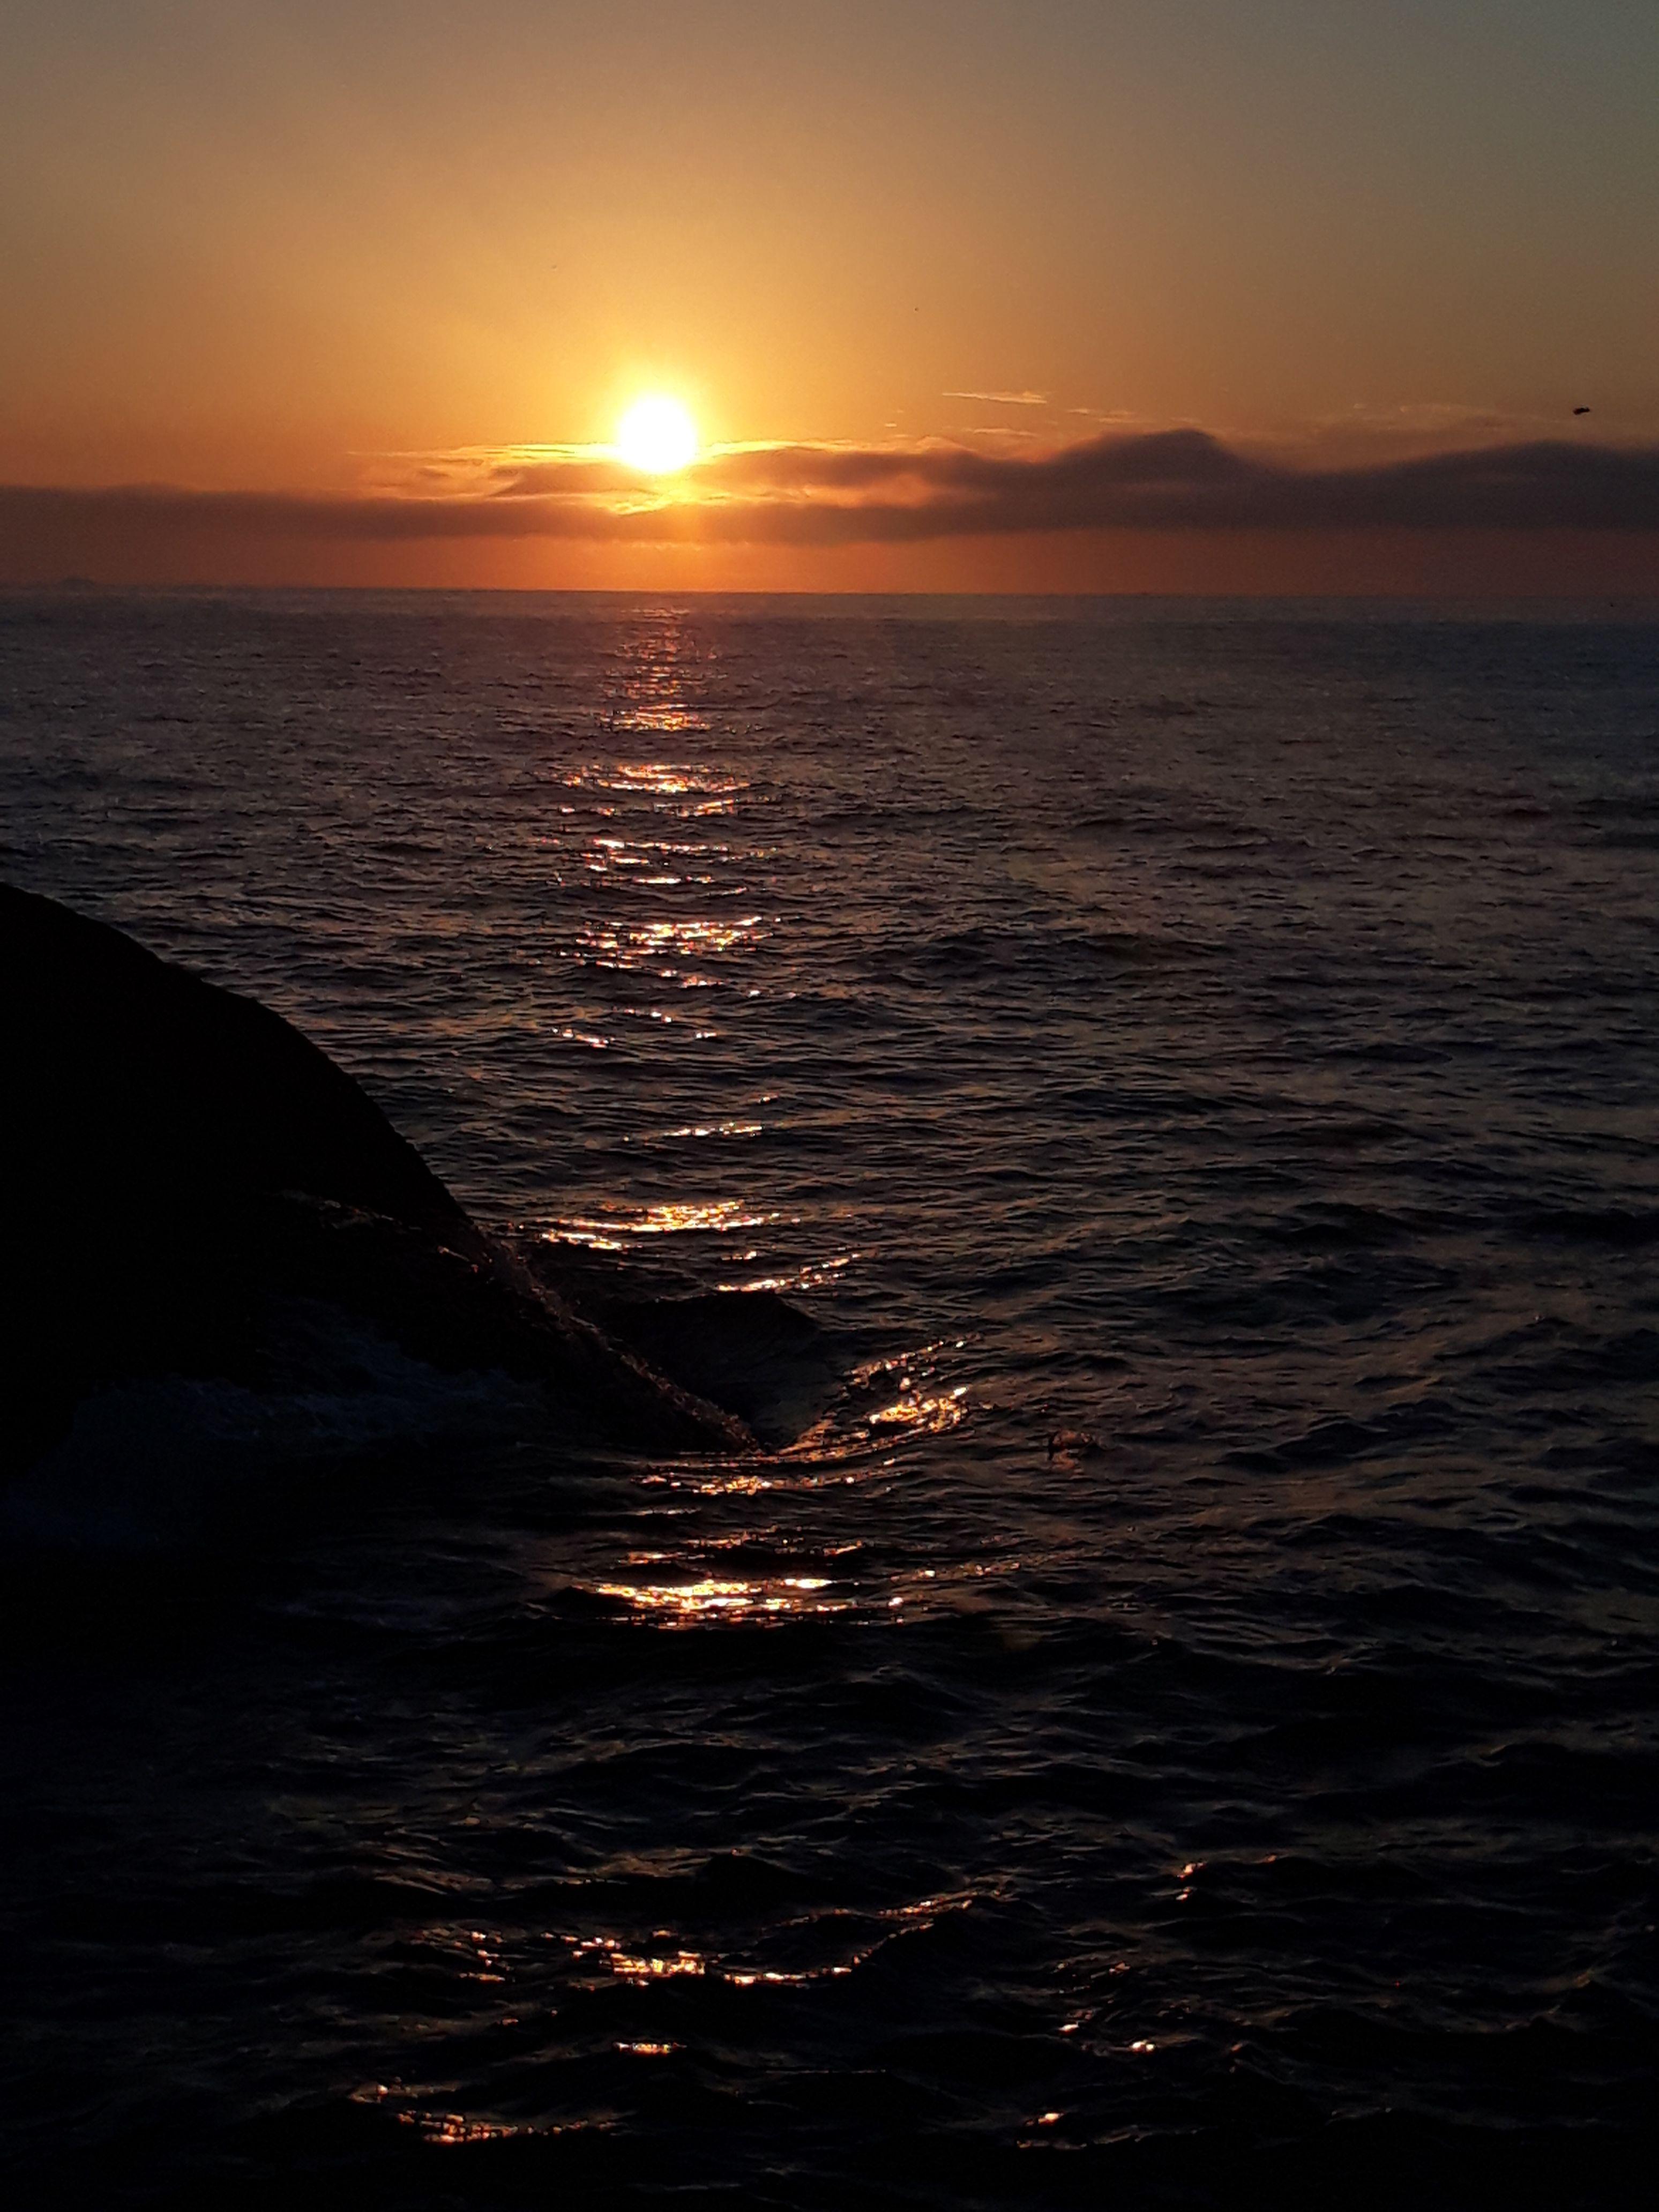 Praia Sol Amanhecer Nuvens Ceu Mar Simples Natureza